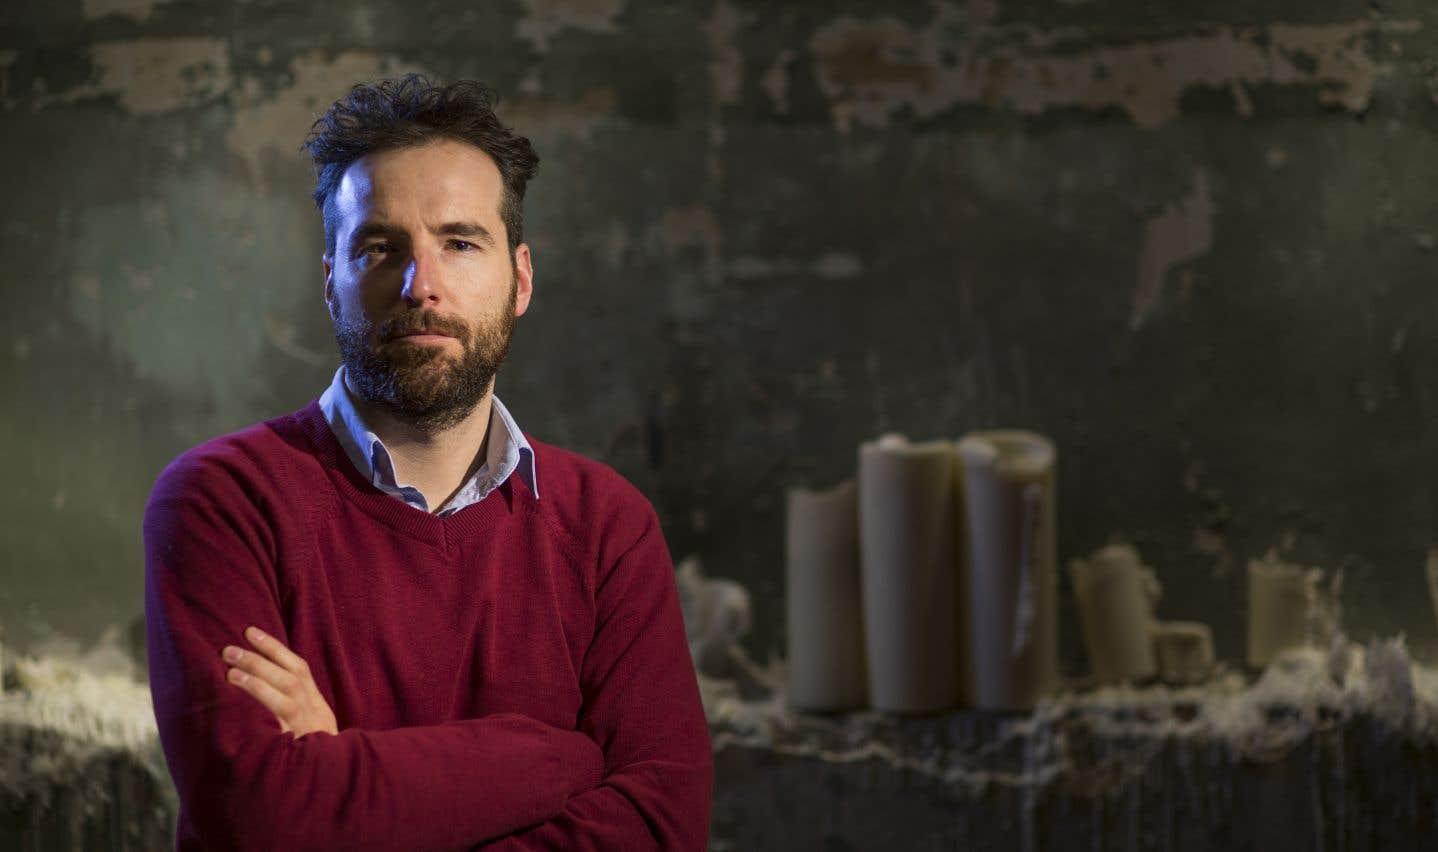 Benjamin Hogue, directeur de l'Observatoire du documentaire, un organisme à but non lucratif qui fait désormais partie de la Coalition pour la culture et les médias